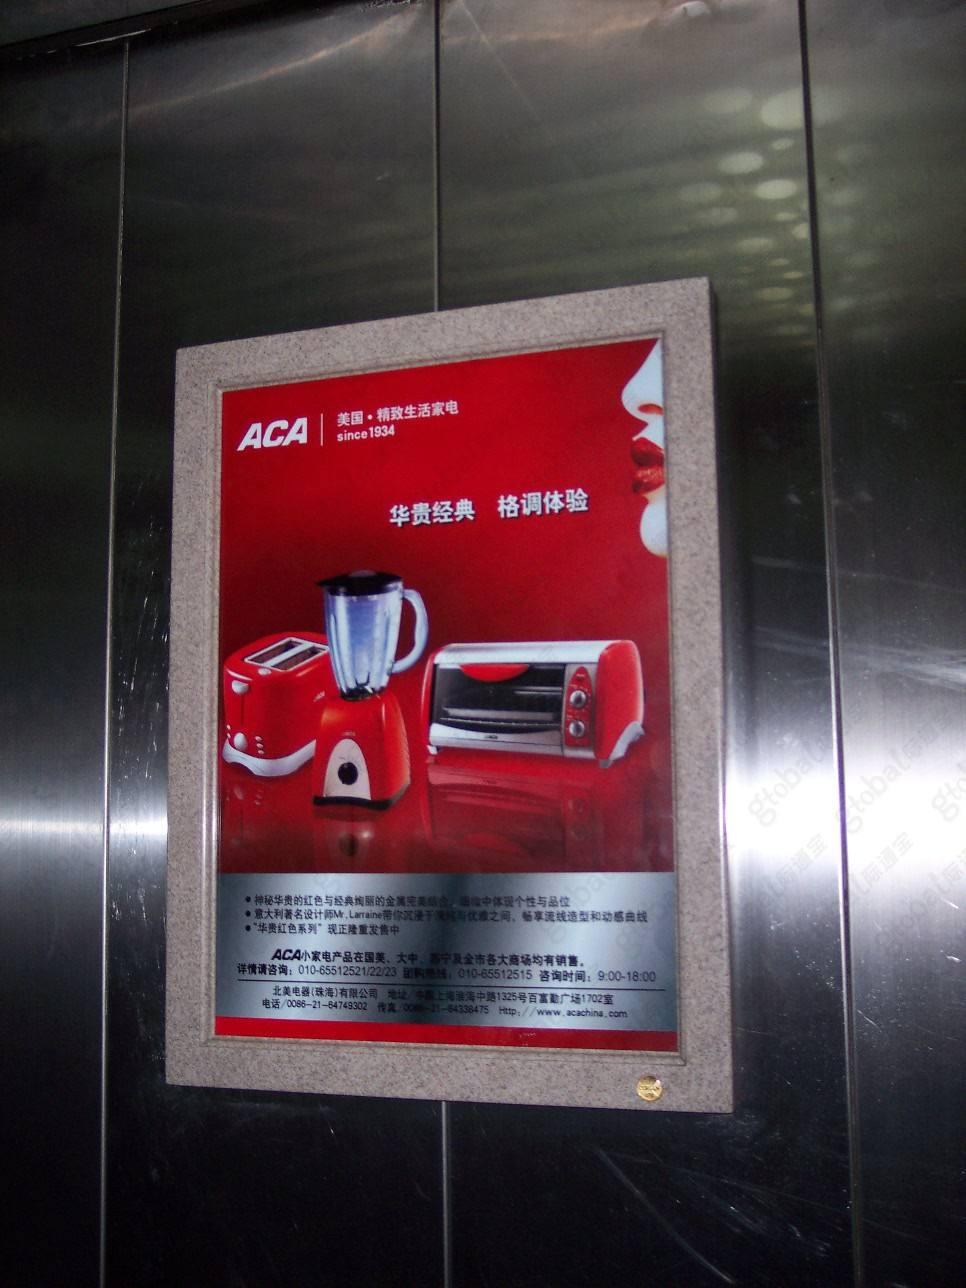 合肥高端小区电梯广告-分众资源低至2折